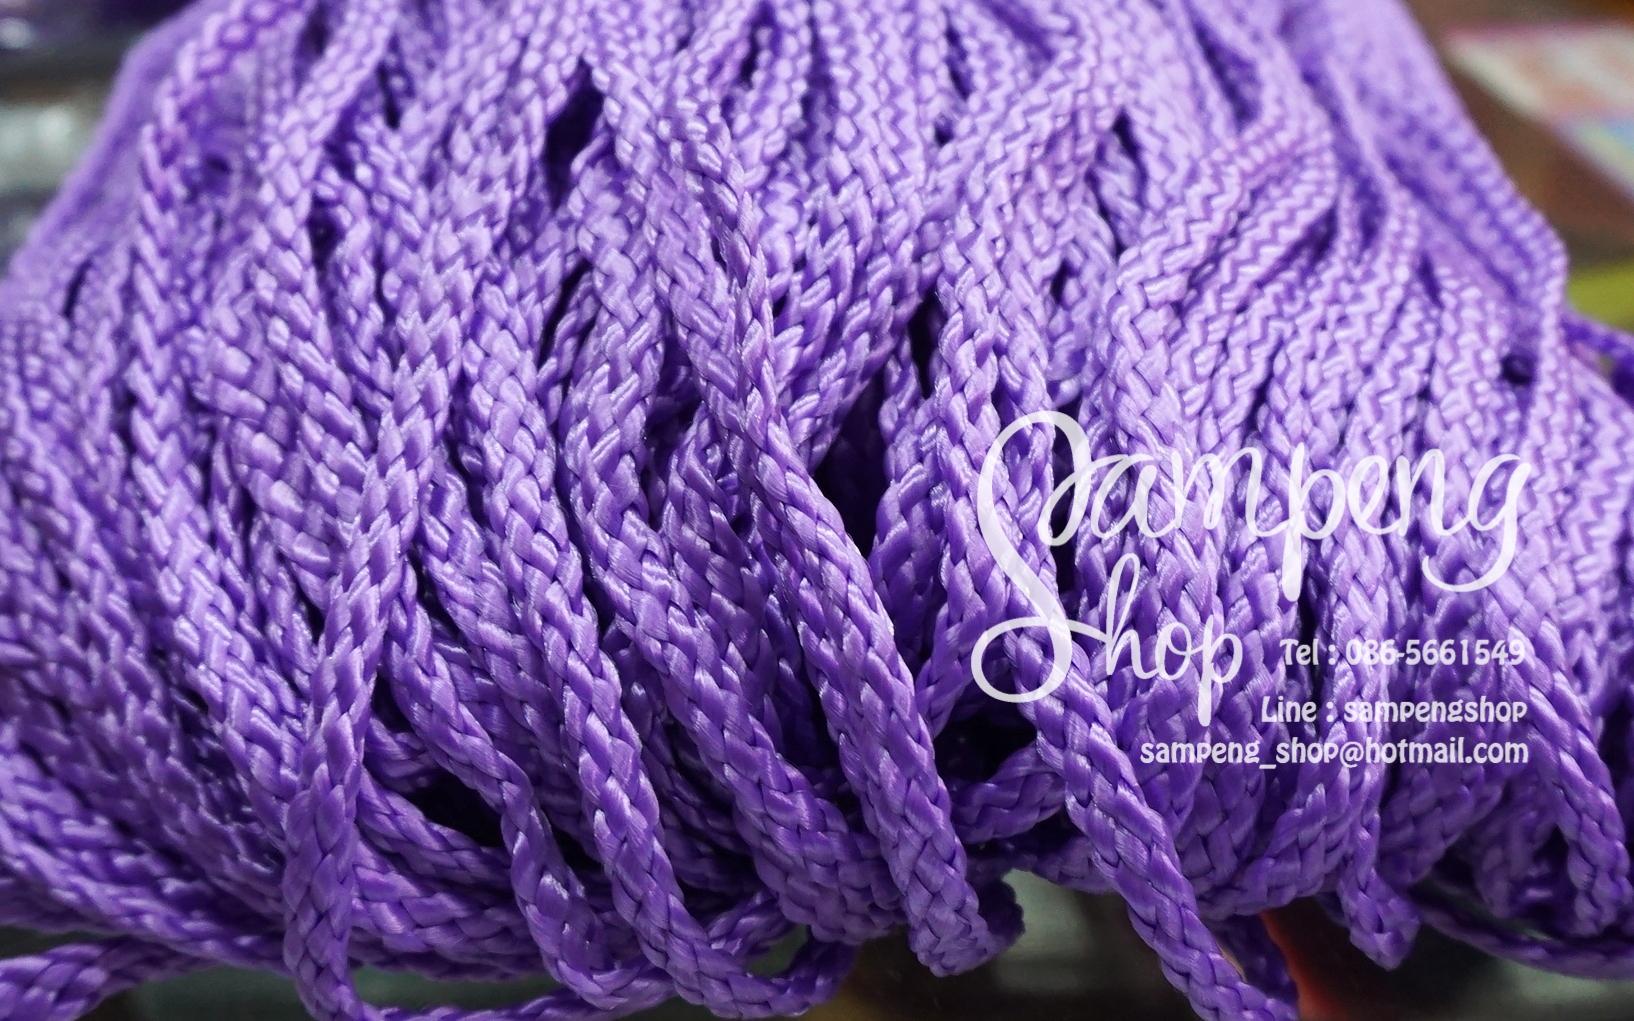 เชือกถัก P.P. #5 สีม่วงอ่อน (10เมตร)